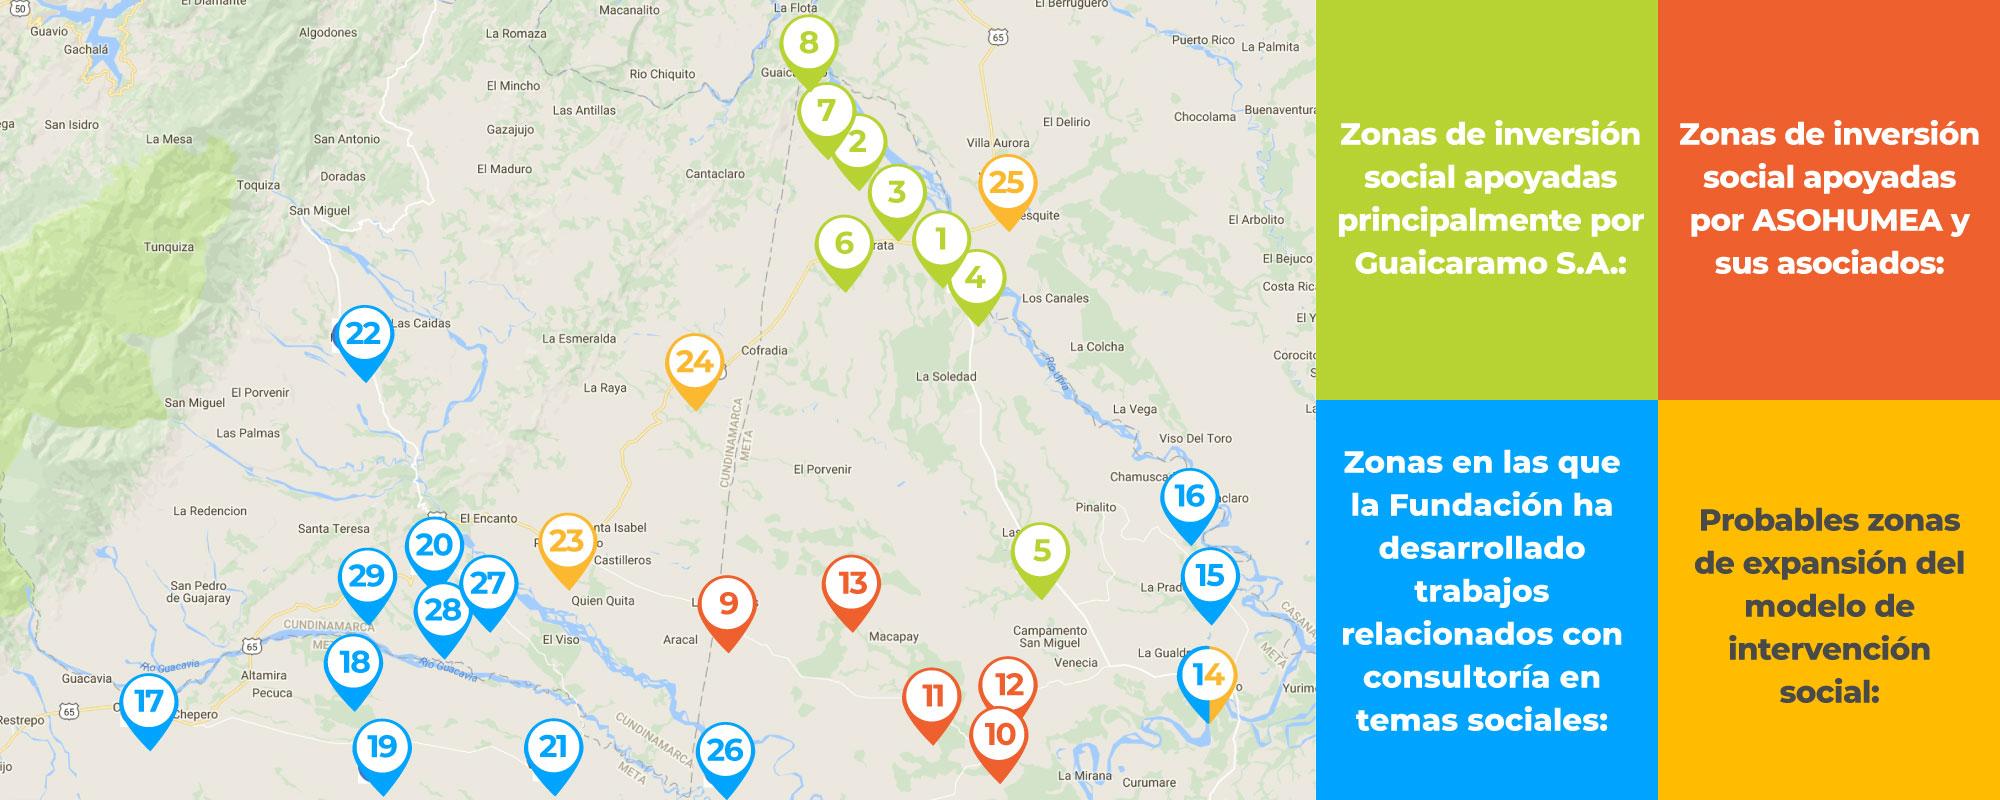 Imagen mapa Guaicaramo